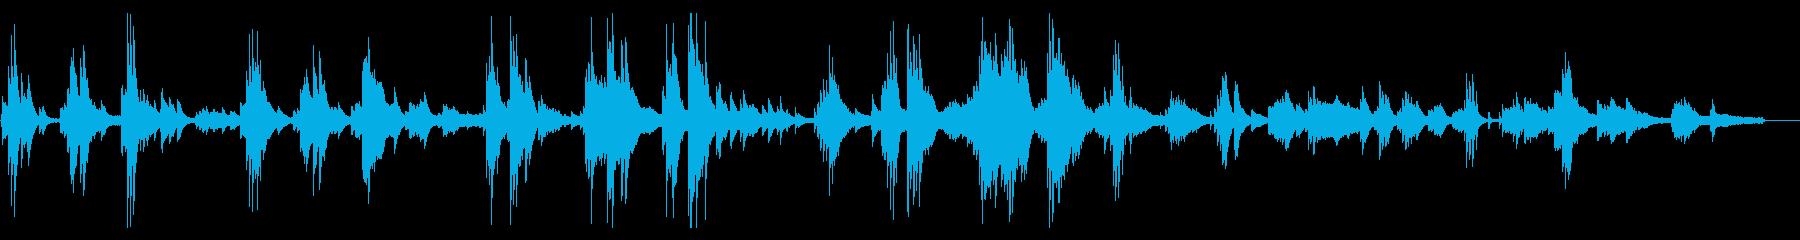 心あたたまるピアノインストバラードの再生済みの波形